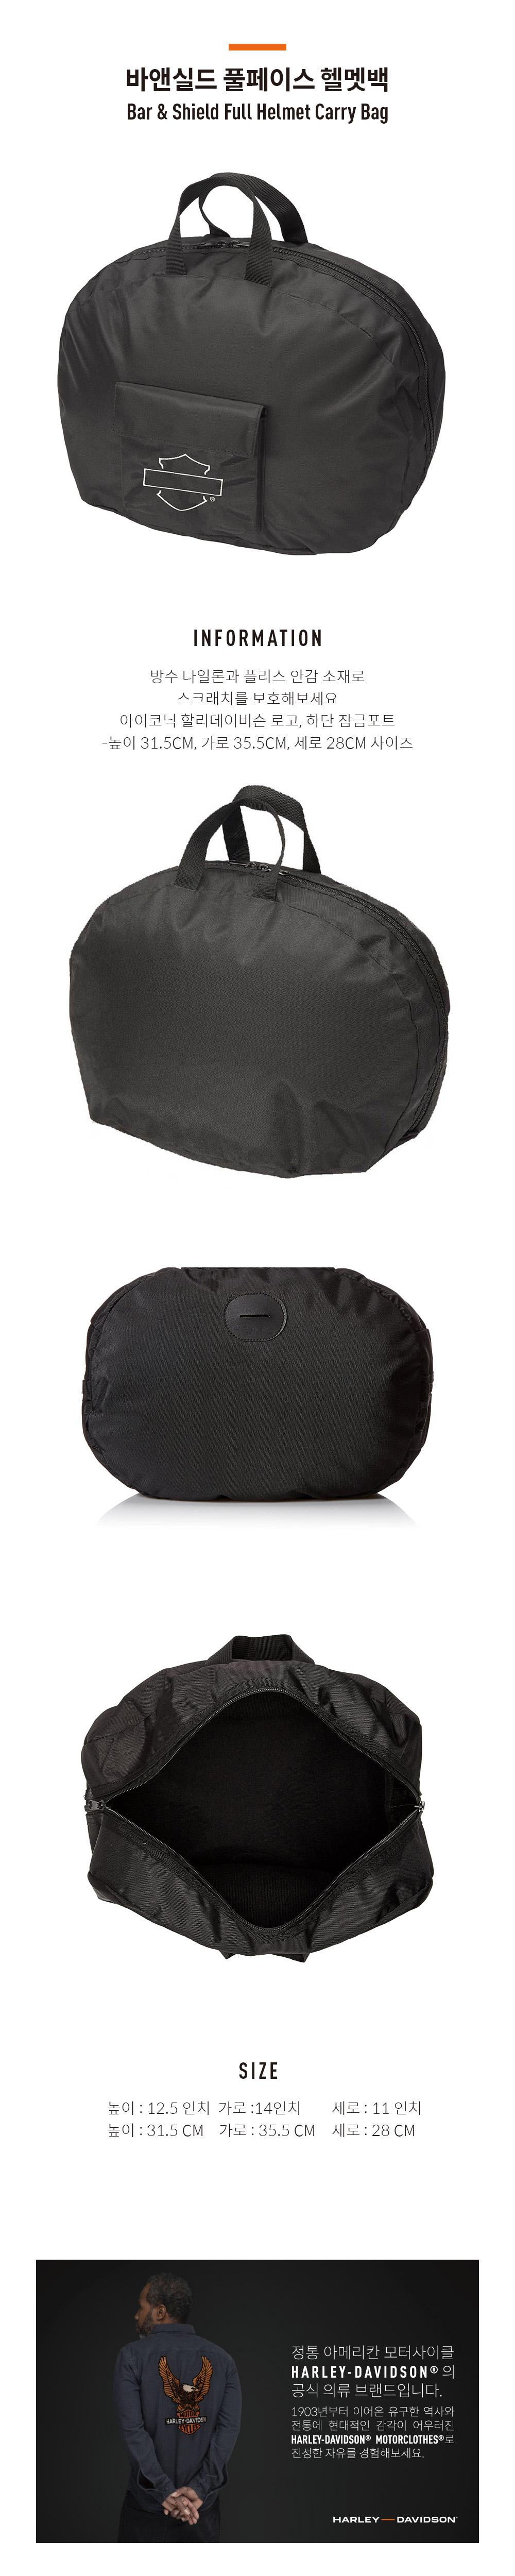 할리데이비슨 바앤실드 풀페이스 헬멧백